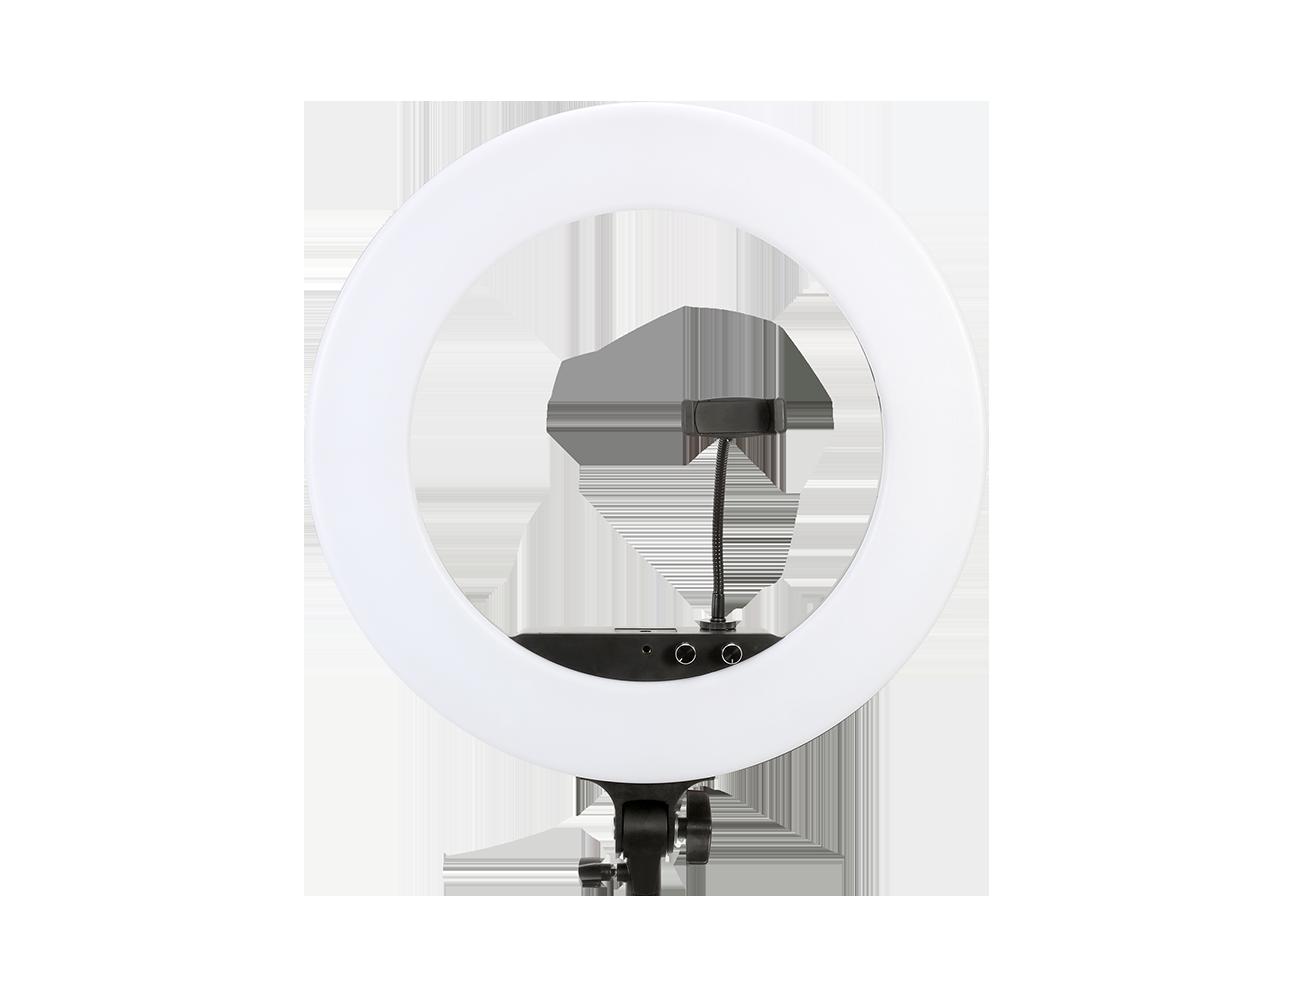 Die neue Ringleuchte LR-480C von Jinbei sorgt für die richtige Beleuchtung für gelungene Aufnahmen – auch mit dem Smartphone.